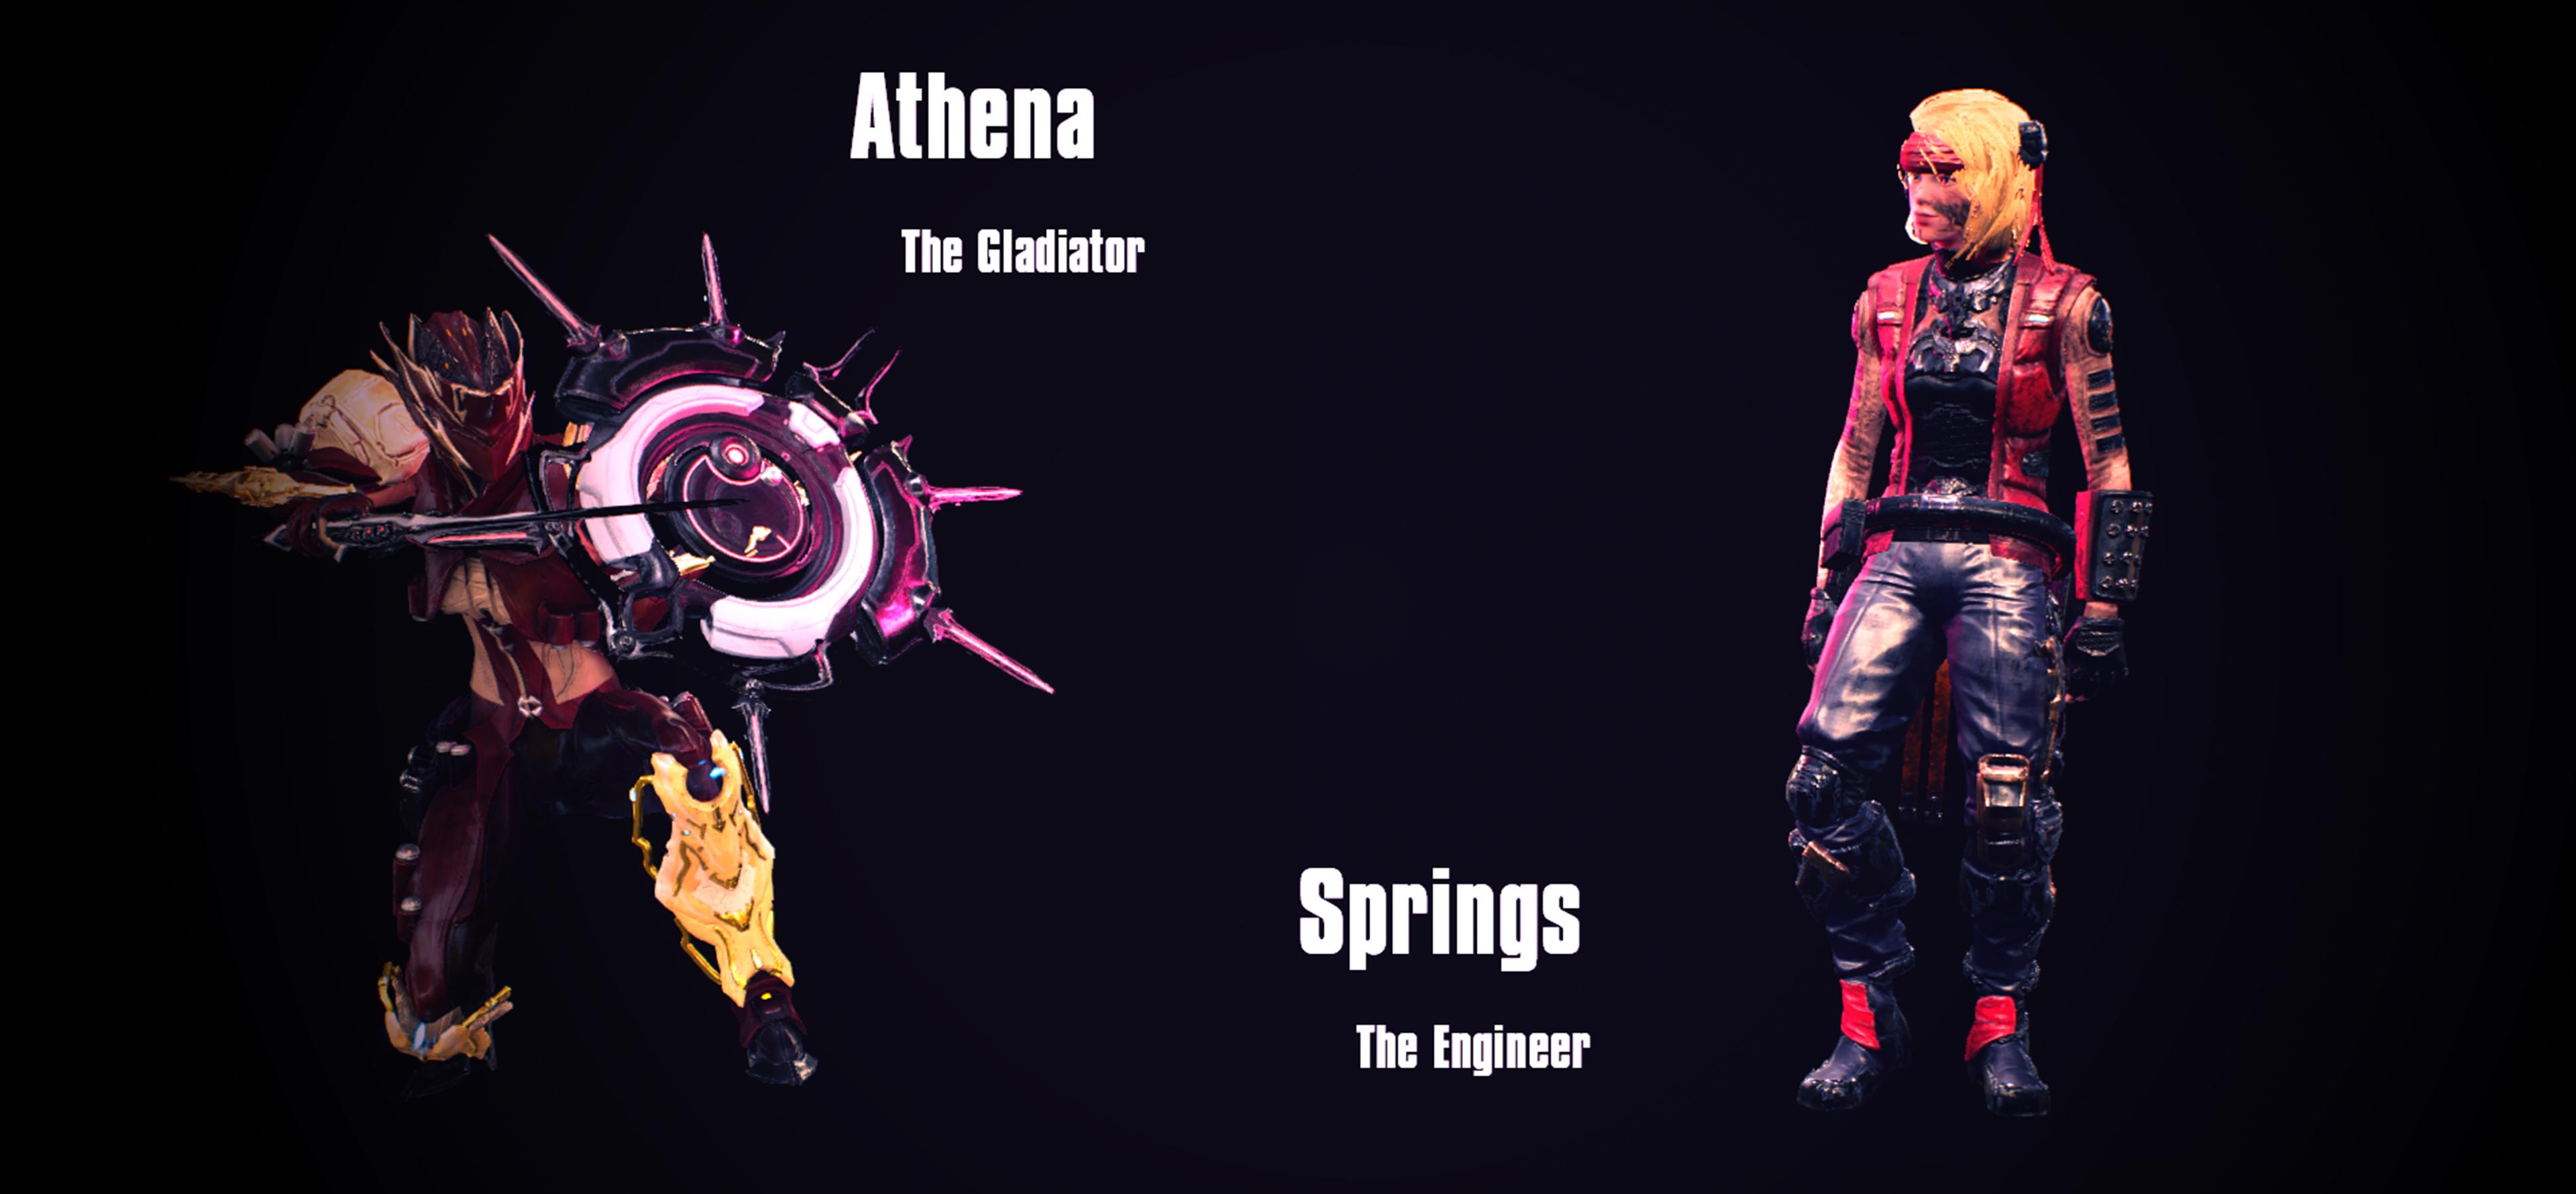 Athena_Spring.png